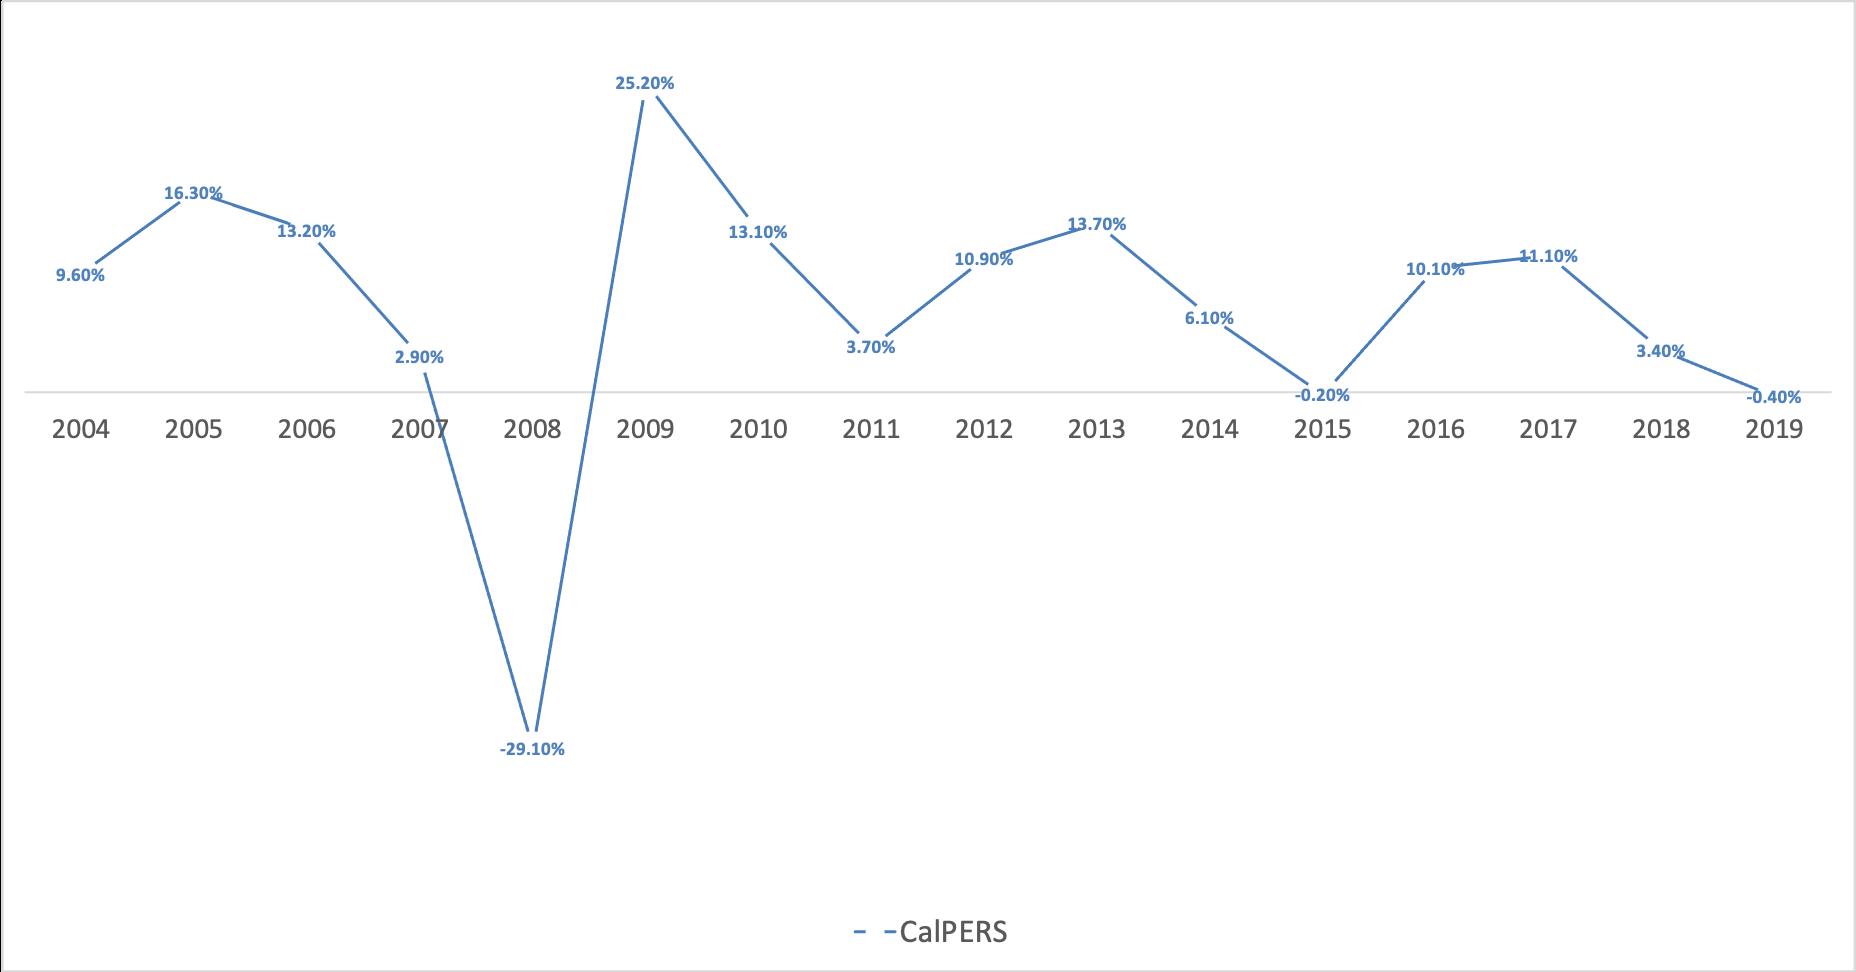 CalPERS単体の成績